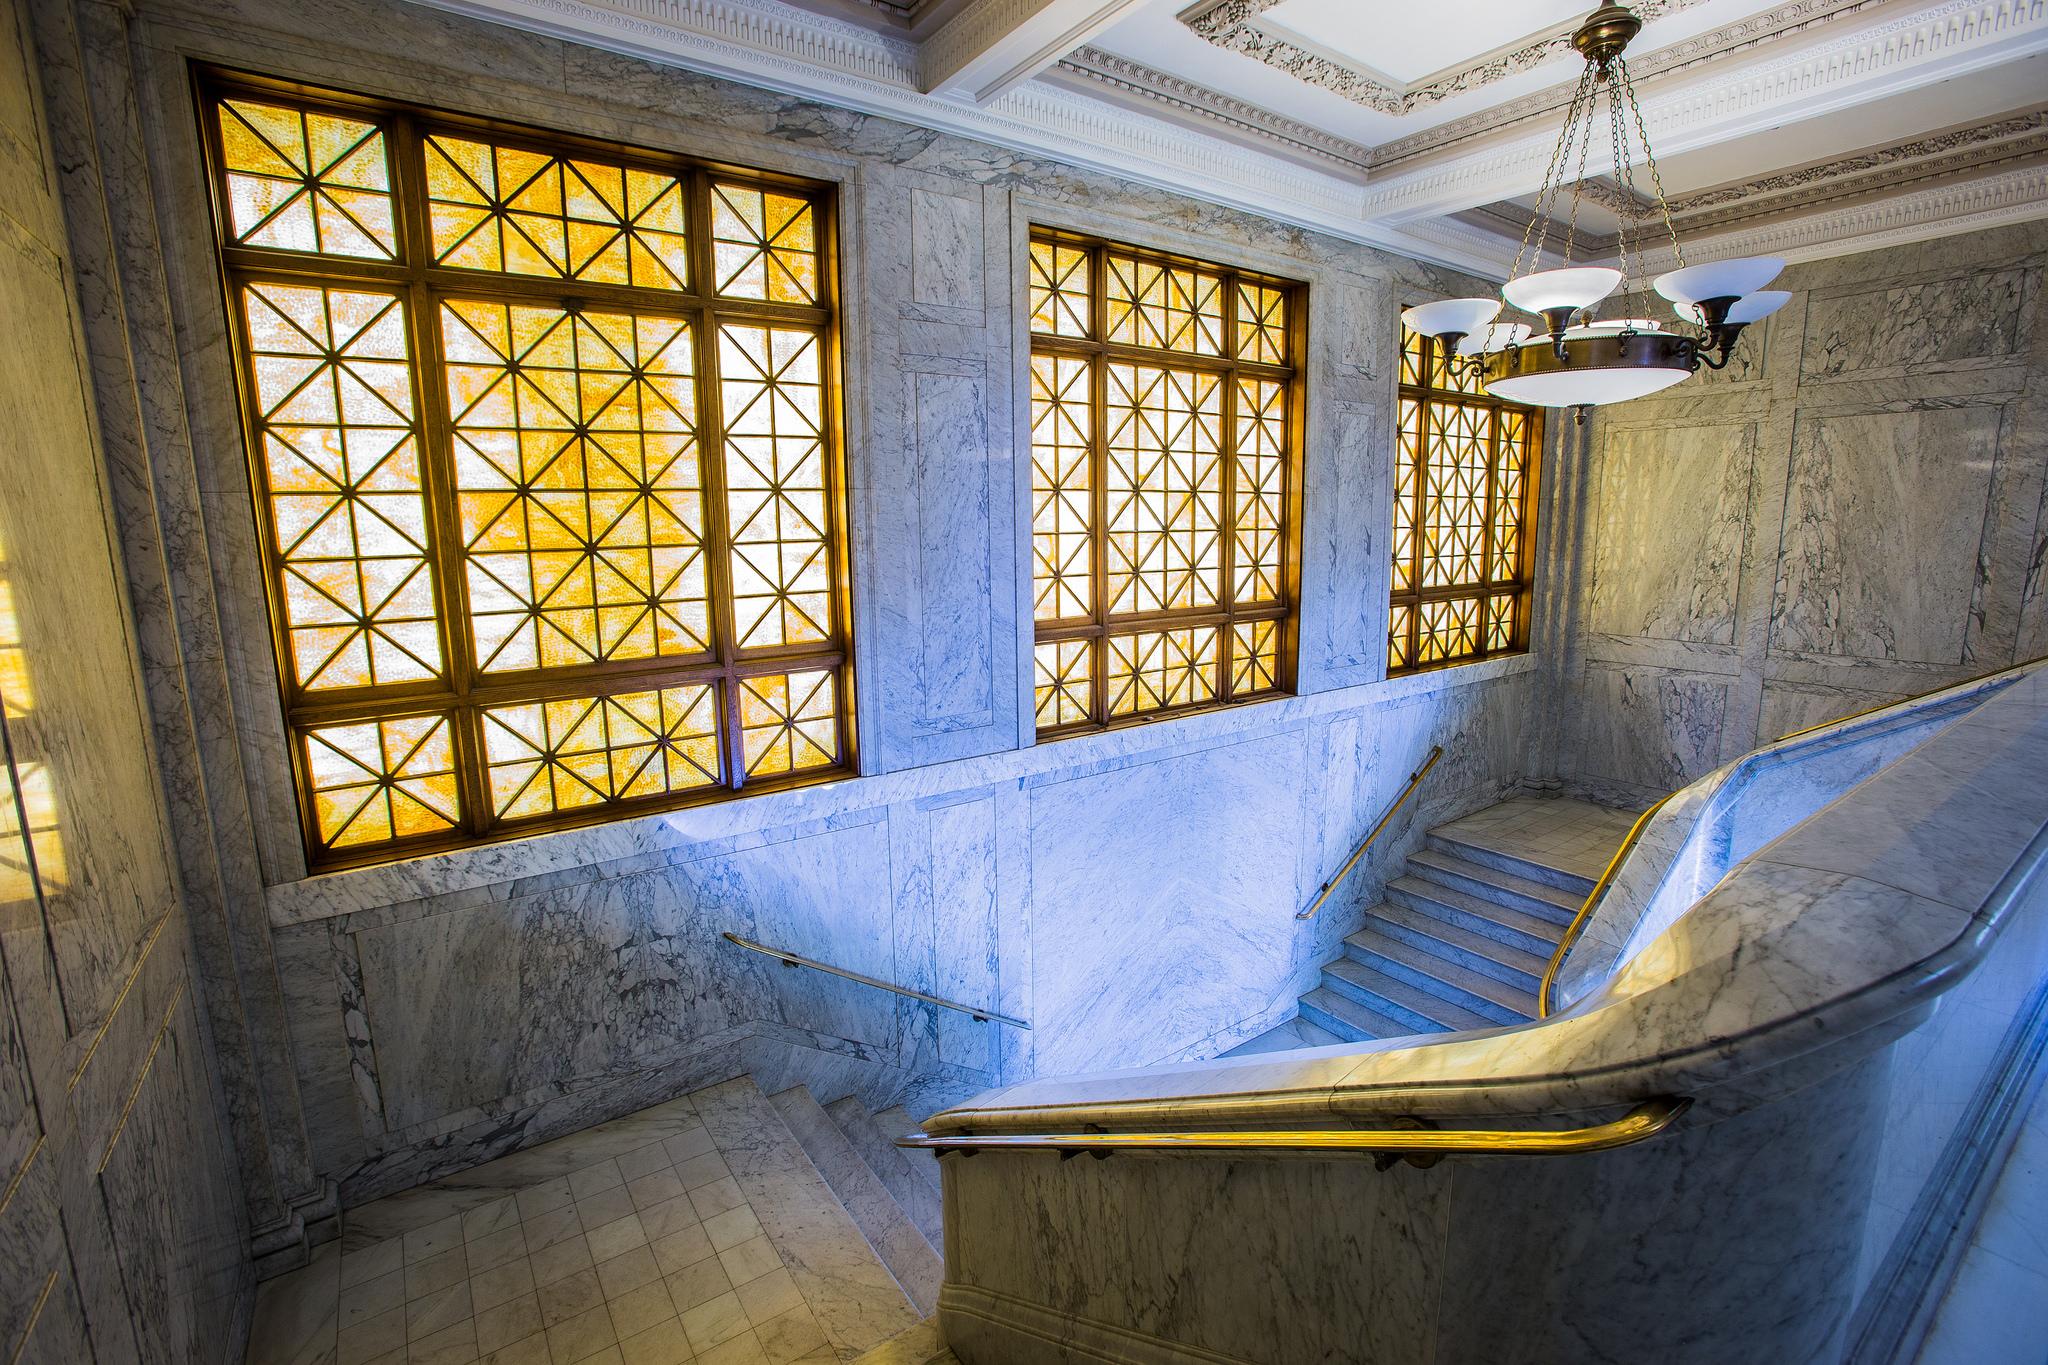 Ventrura_city_hall_2015_staircase